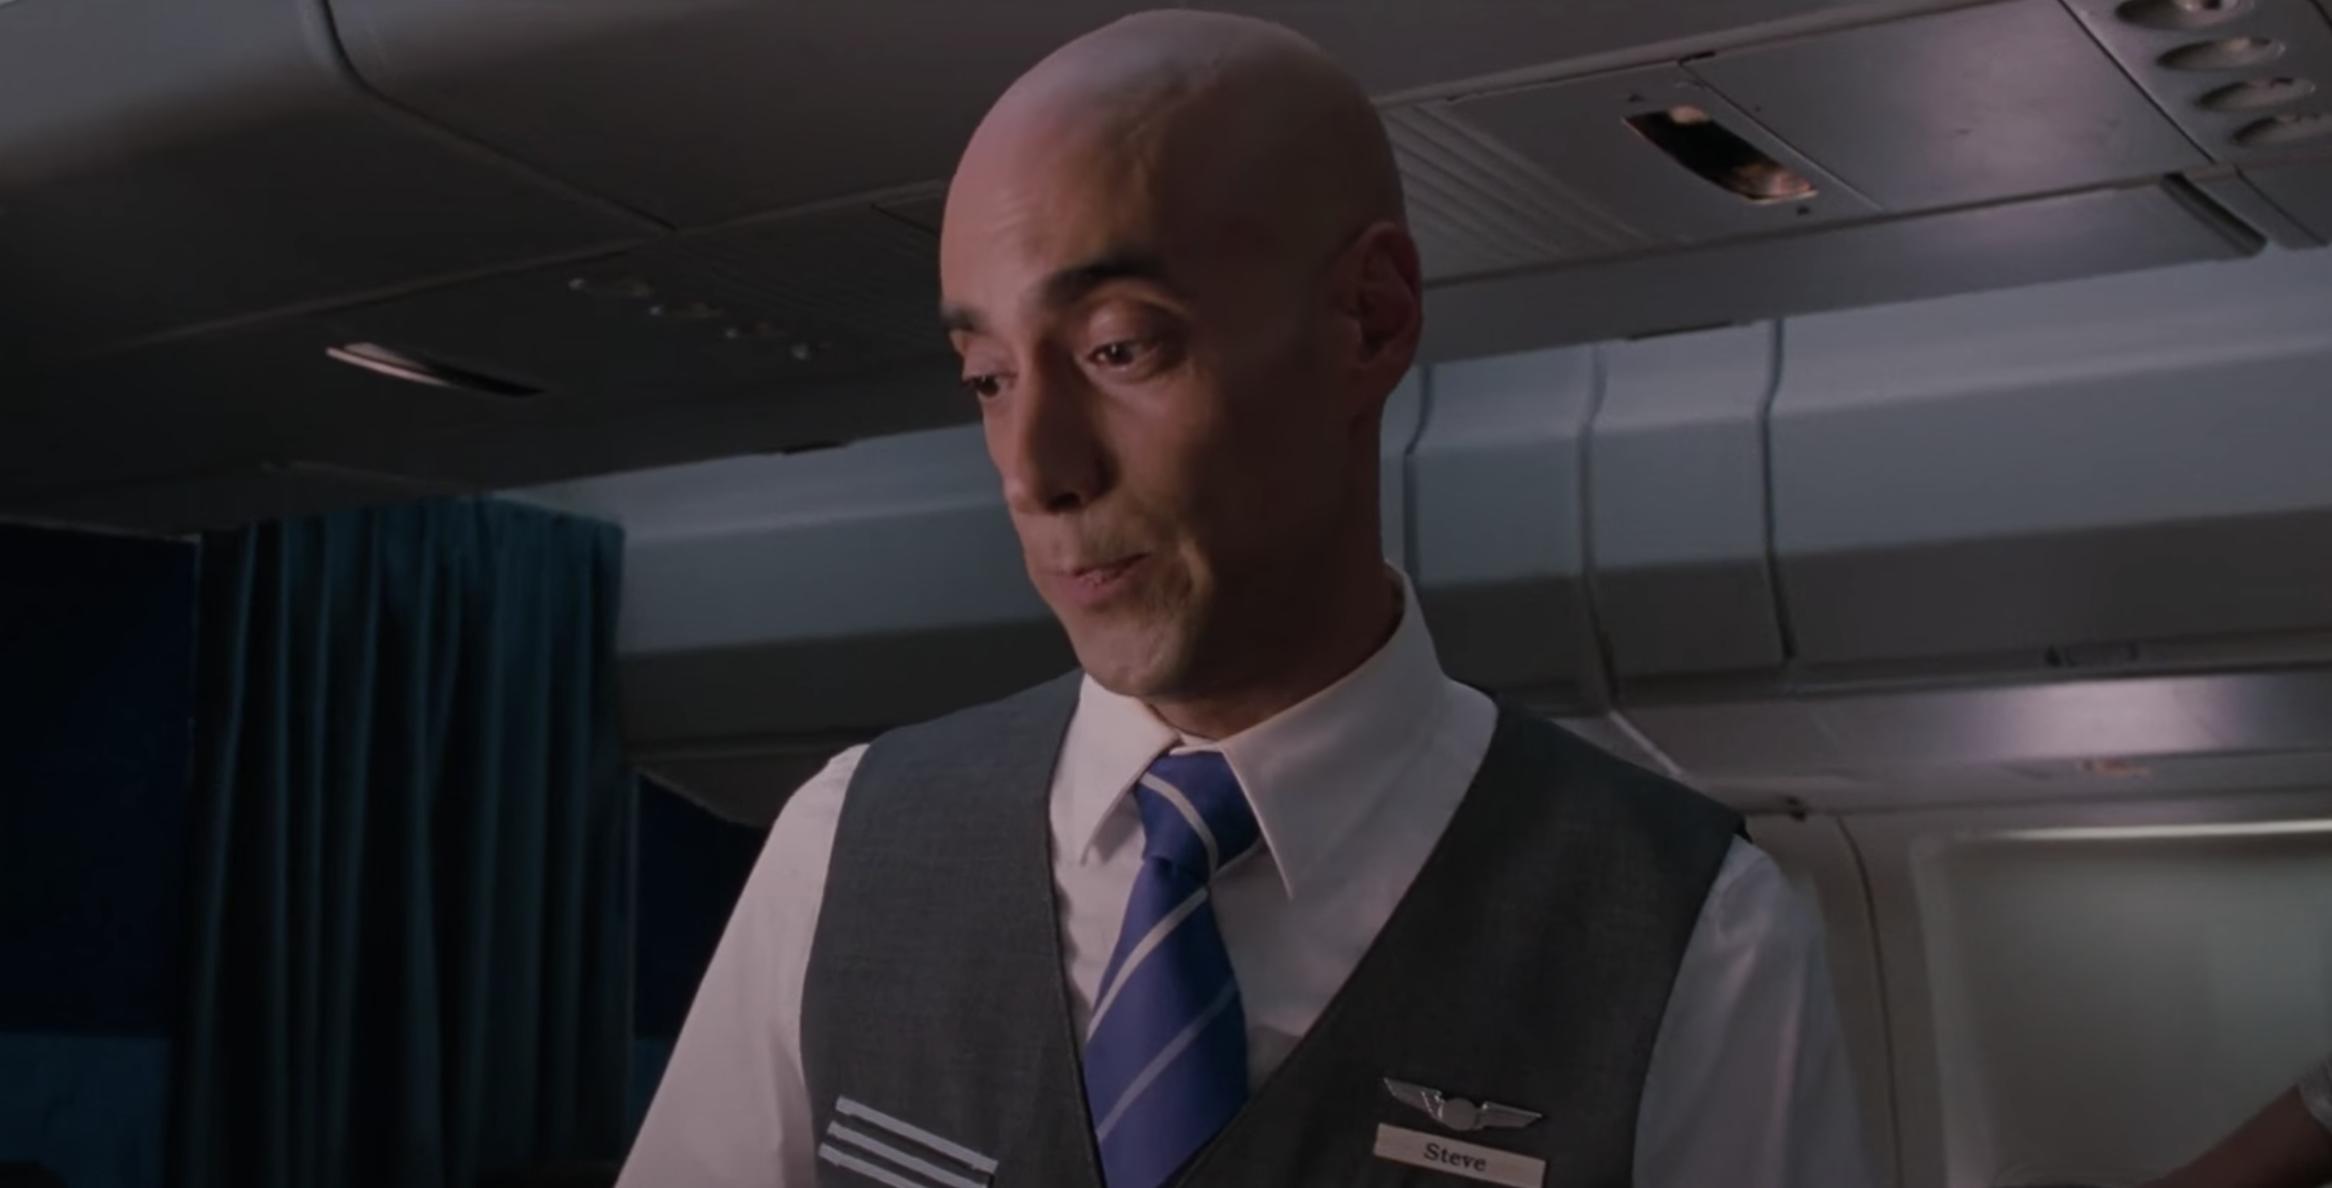 """Flight attendant Steve in """"Bridesmaids"""""""